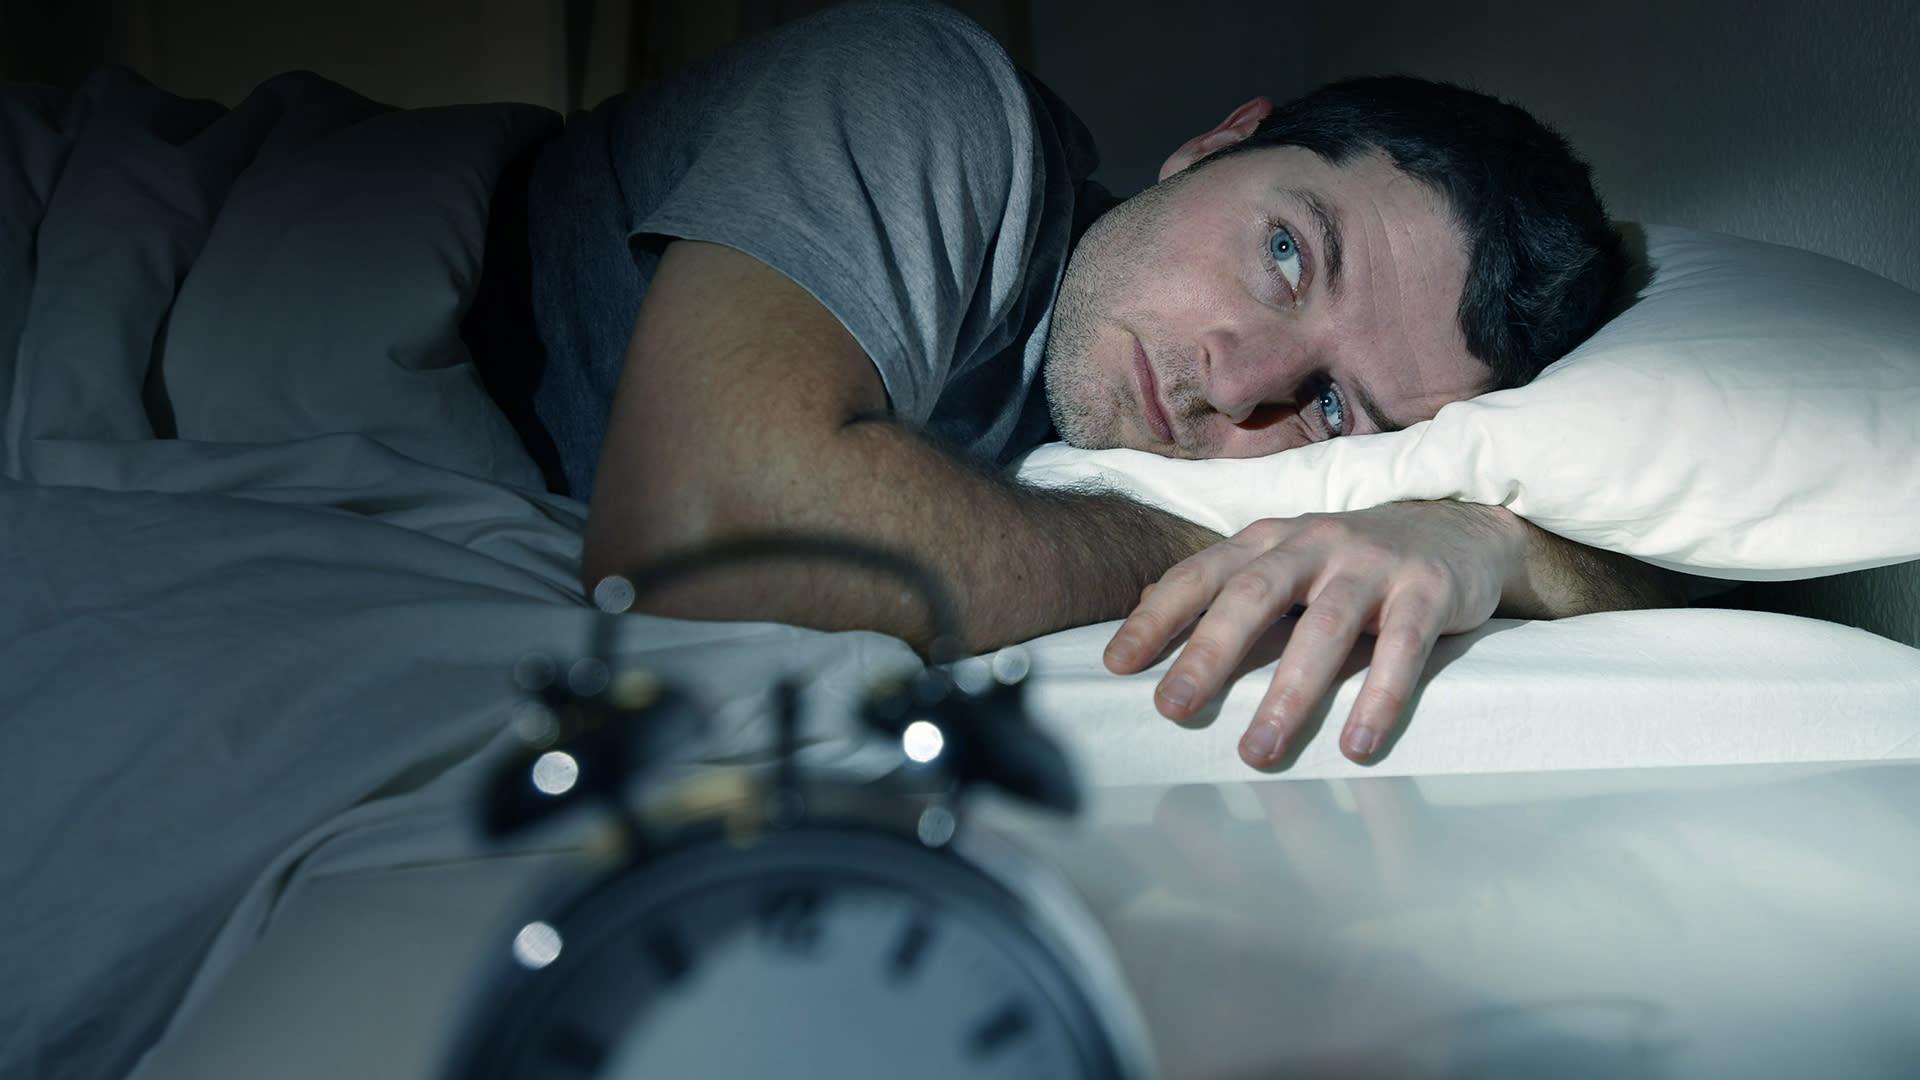 Søvnmangel fører til øget appetit og sukkertrang